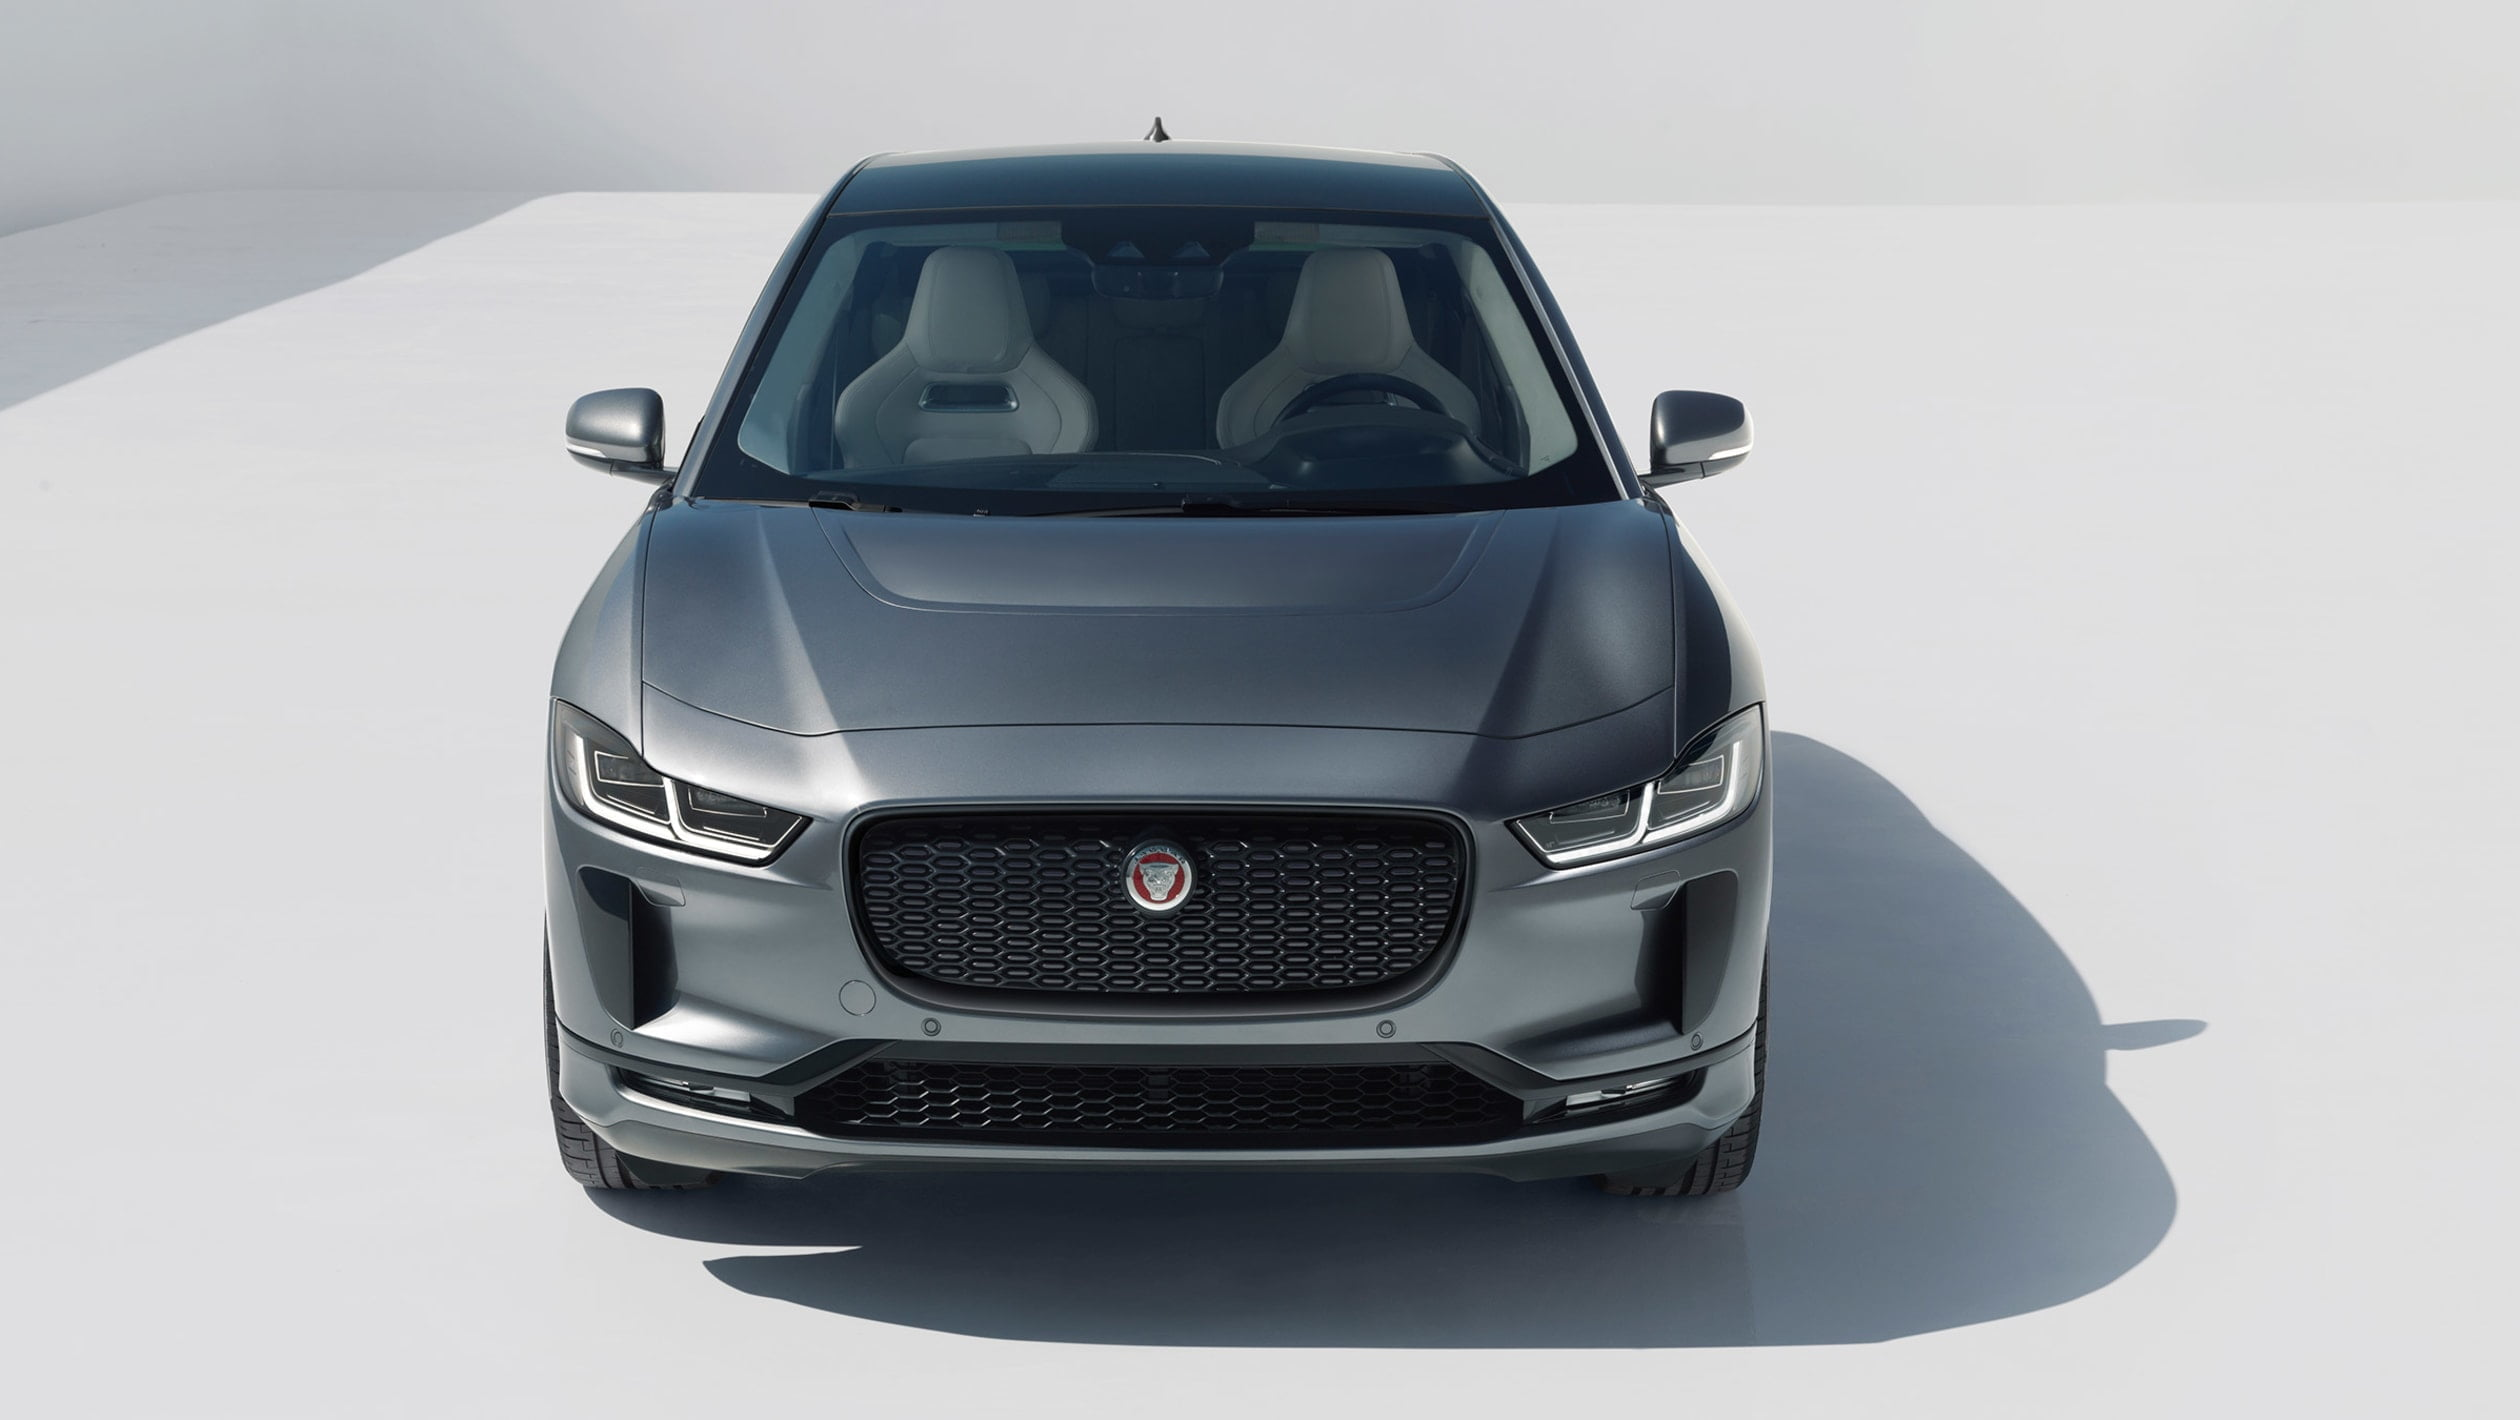 2020 jaguar I-Pace önden görünüşü https://huglero.com